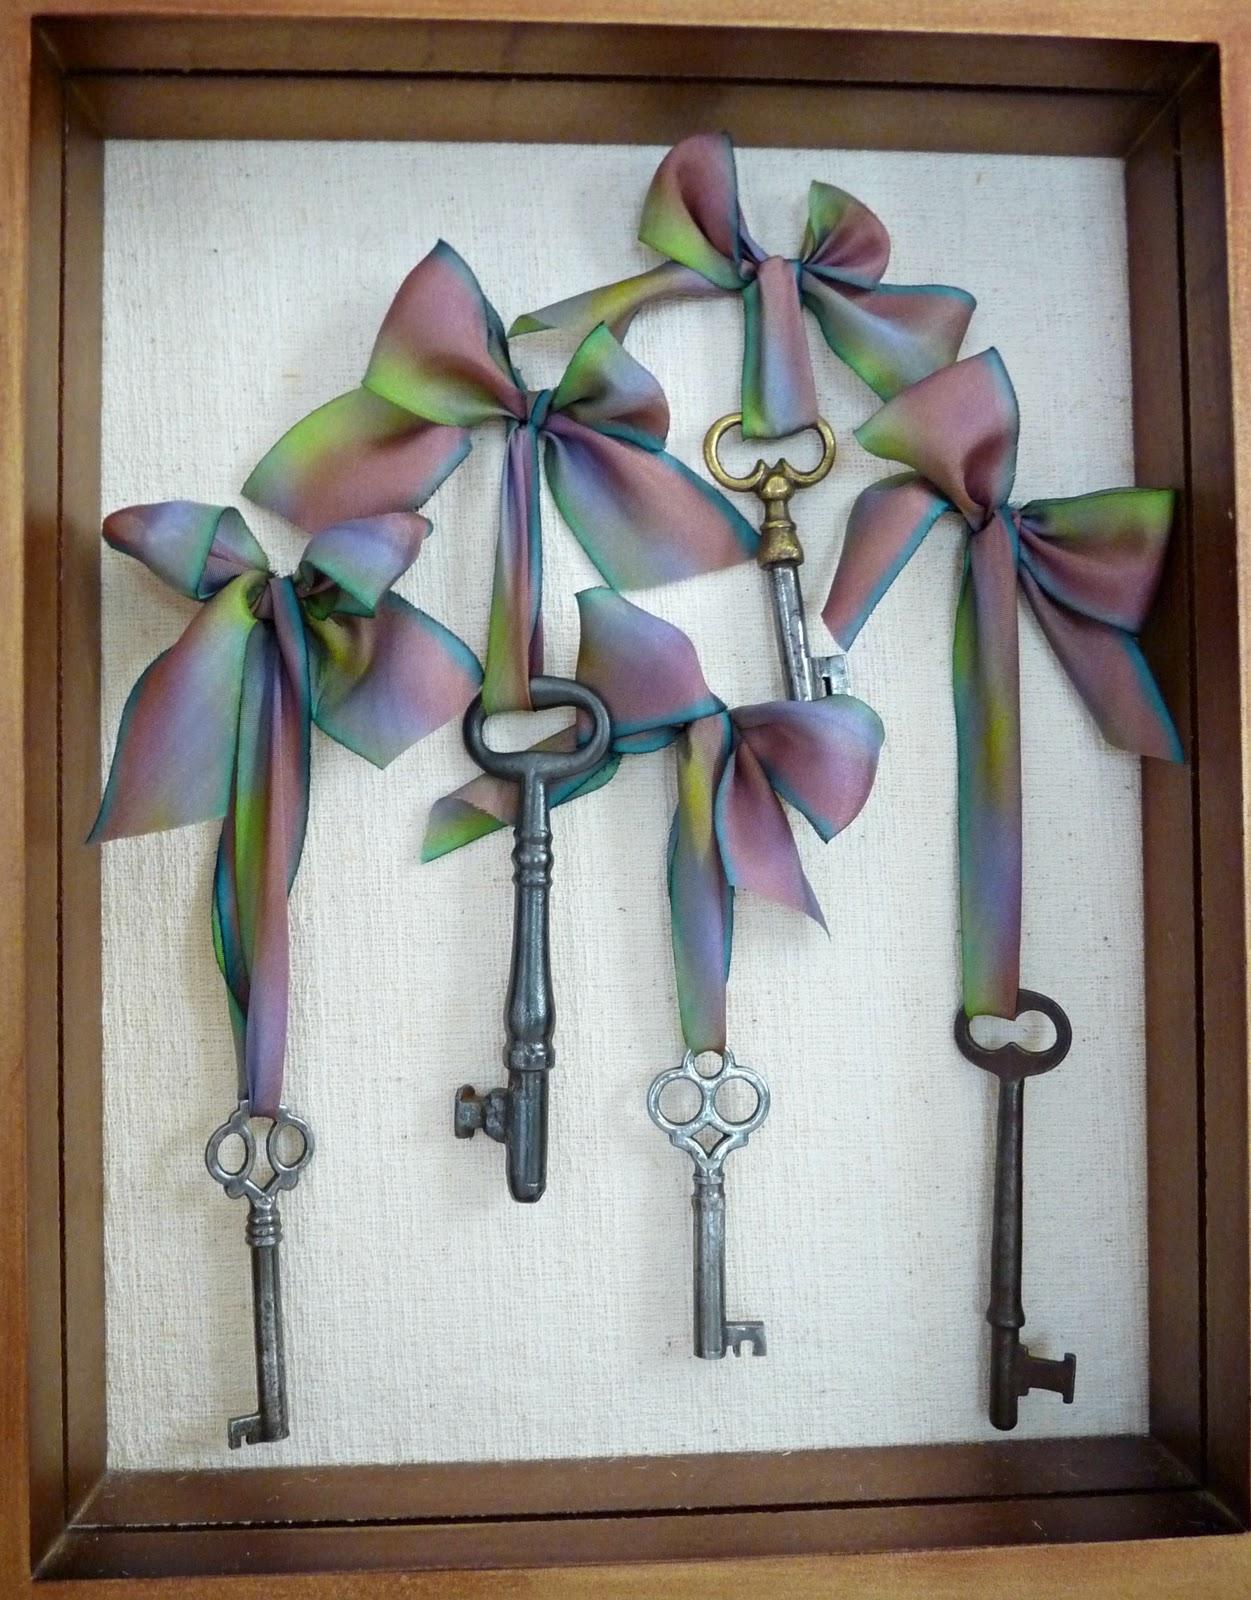 Frame vintage skeleton keys for display